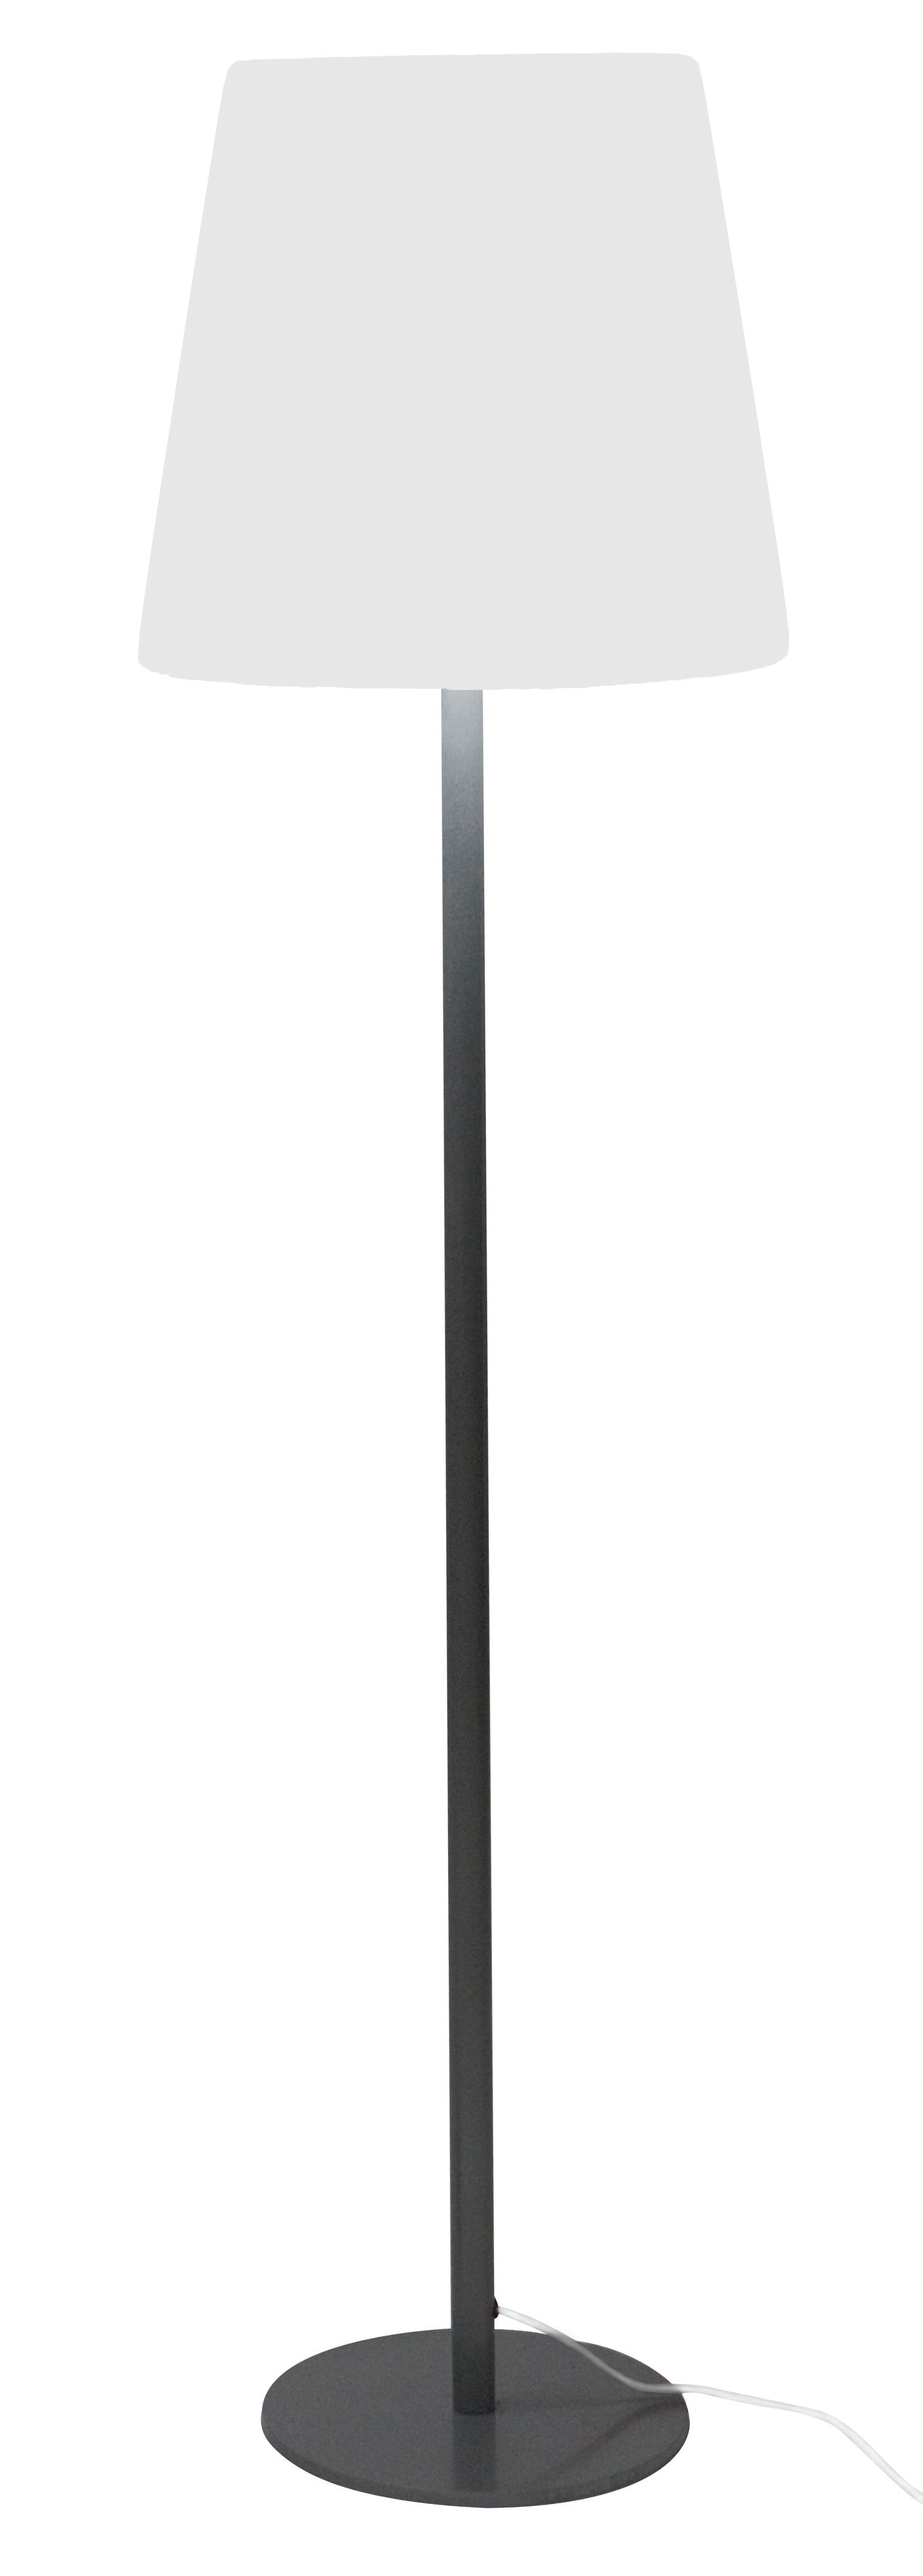 Leuchten - Stehleuchten - Ali Baba Stehleuchte - Slide - Stehlampe mit Standfuß - Edelstahl, Polyäthylen